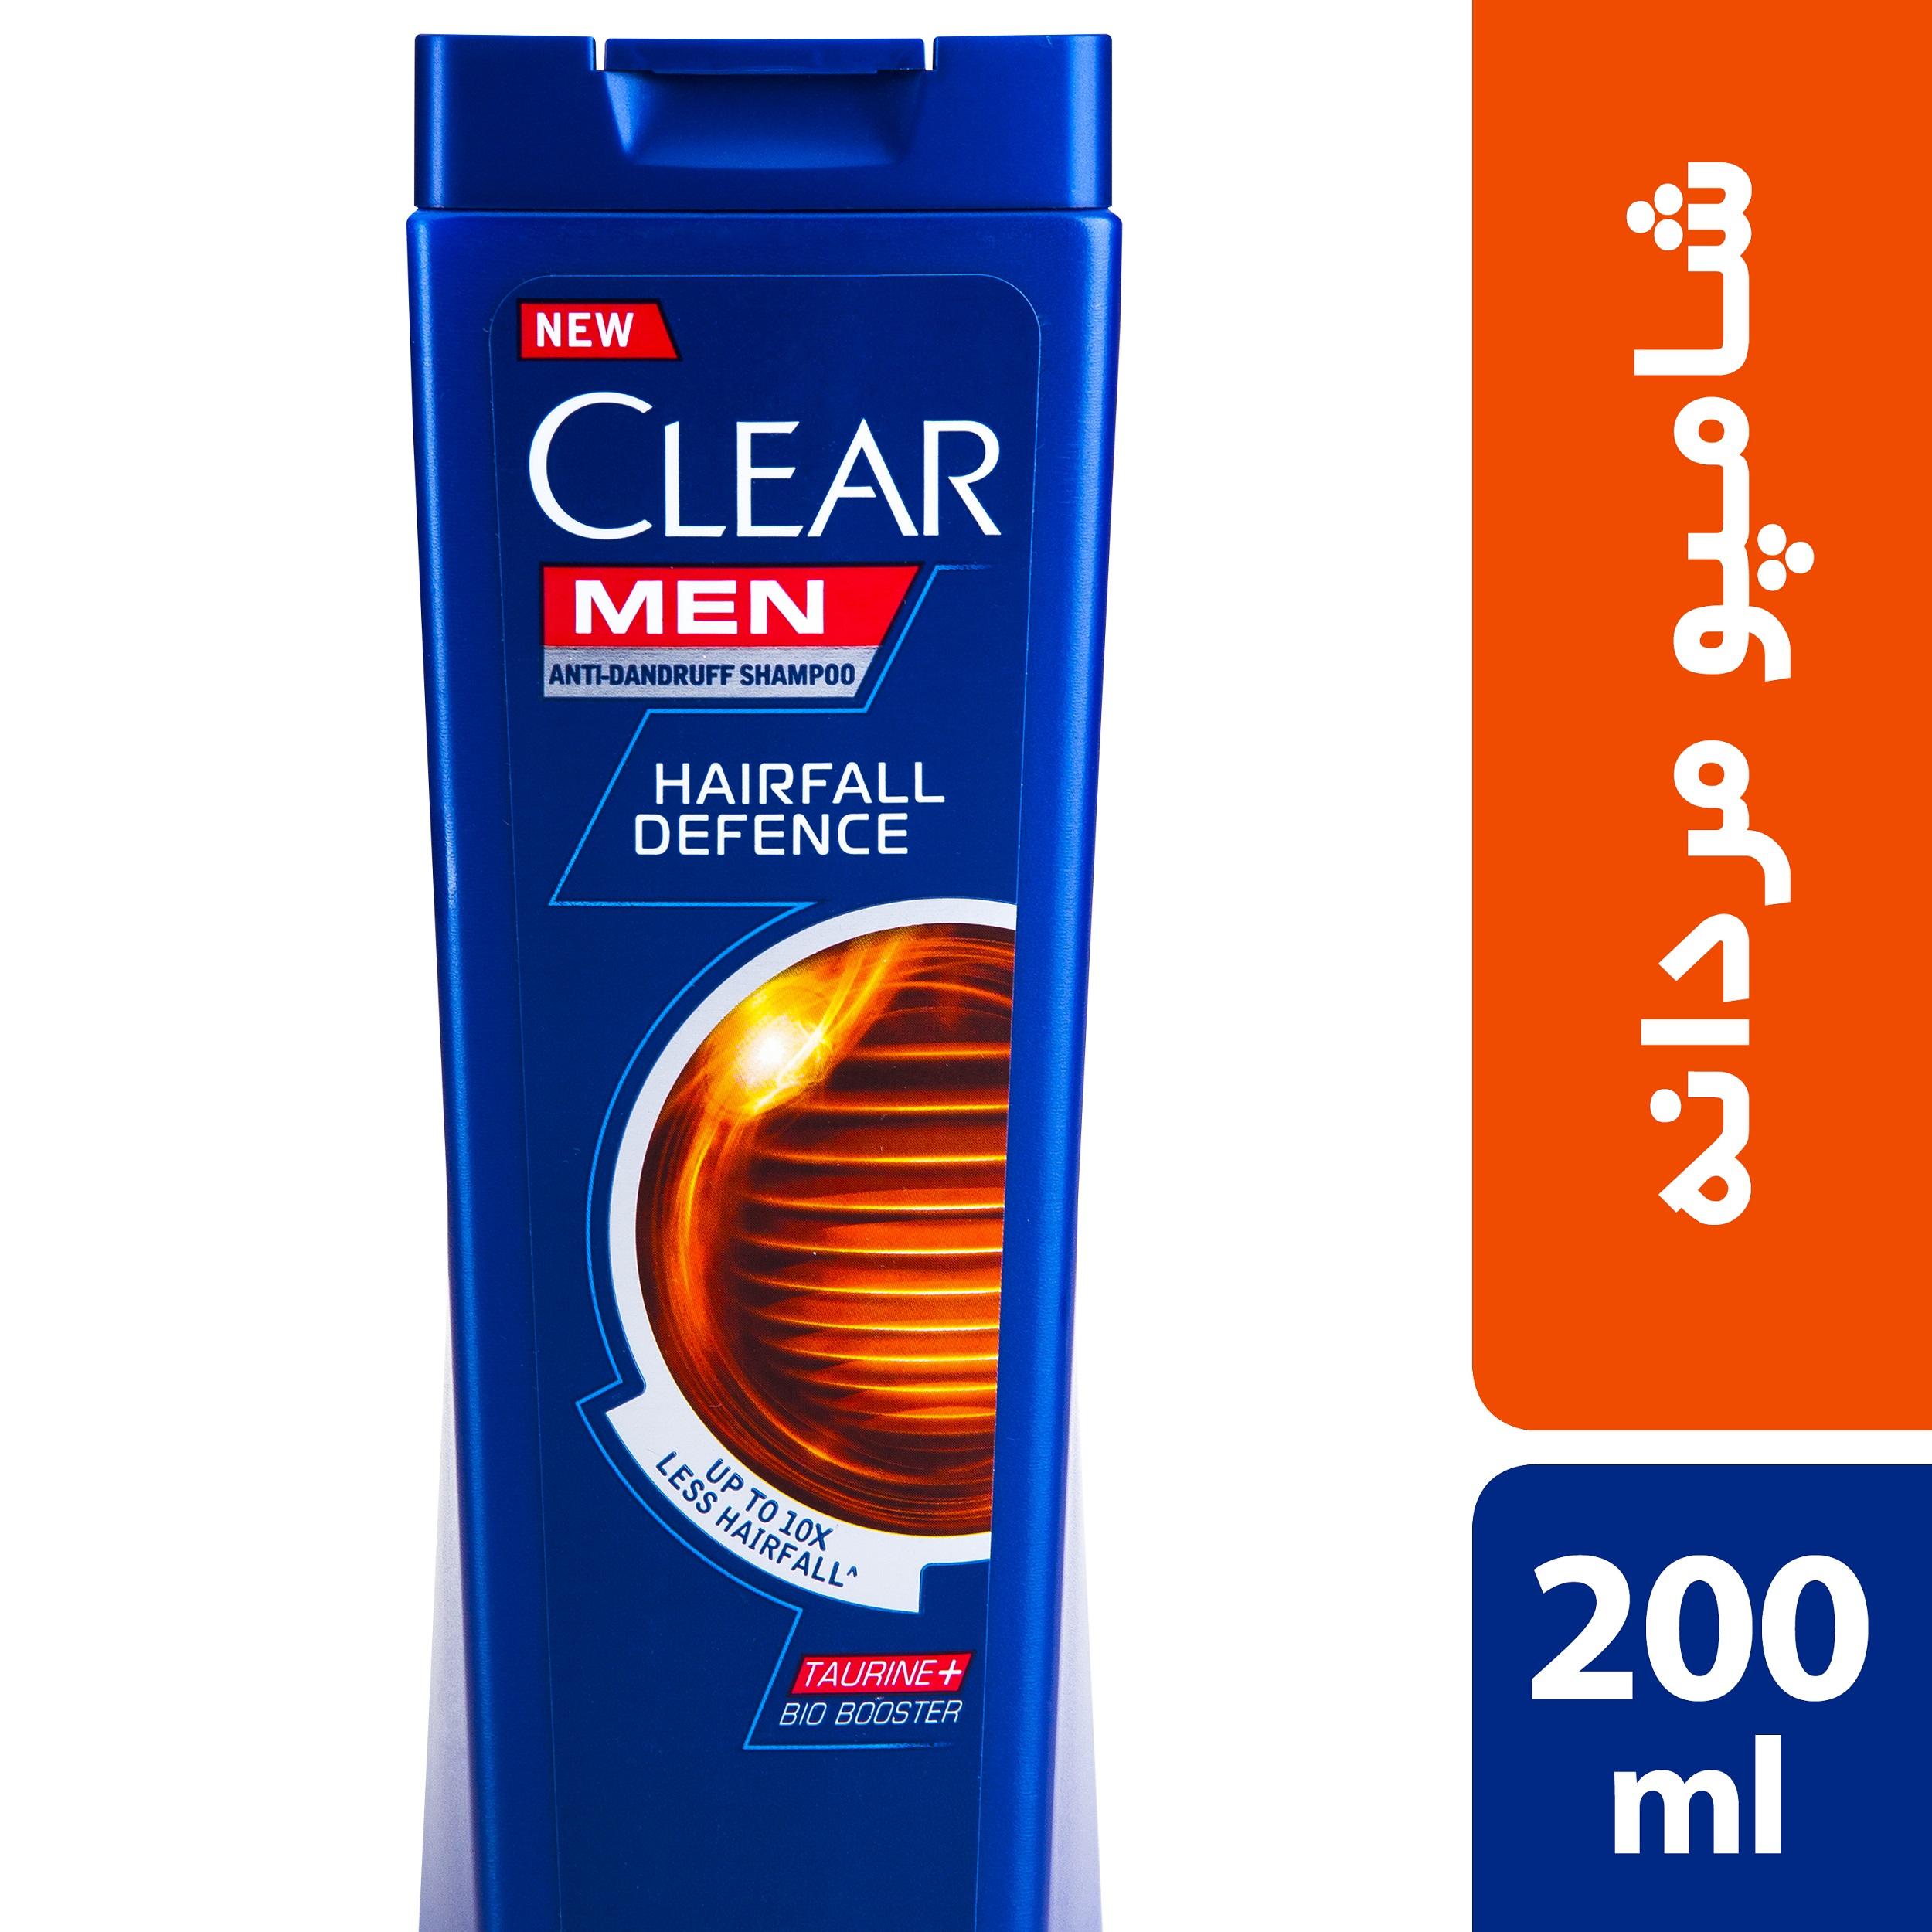 شامپو ضد شوره و ضد ریزش آقایان کلییر مدل Hairfall Defense حجم 200 میلی لیتر